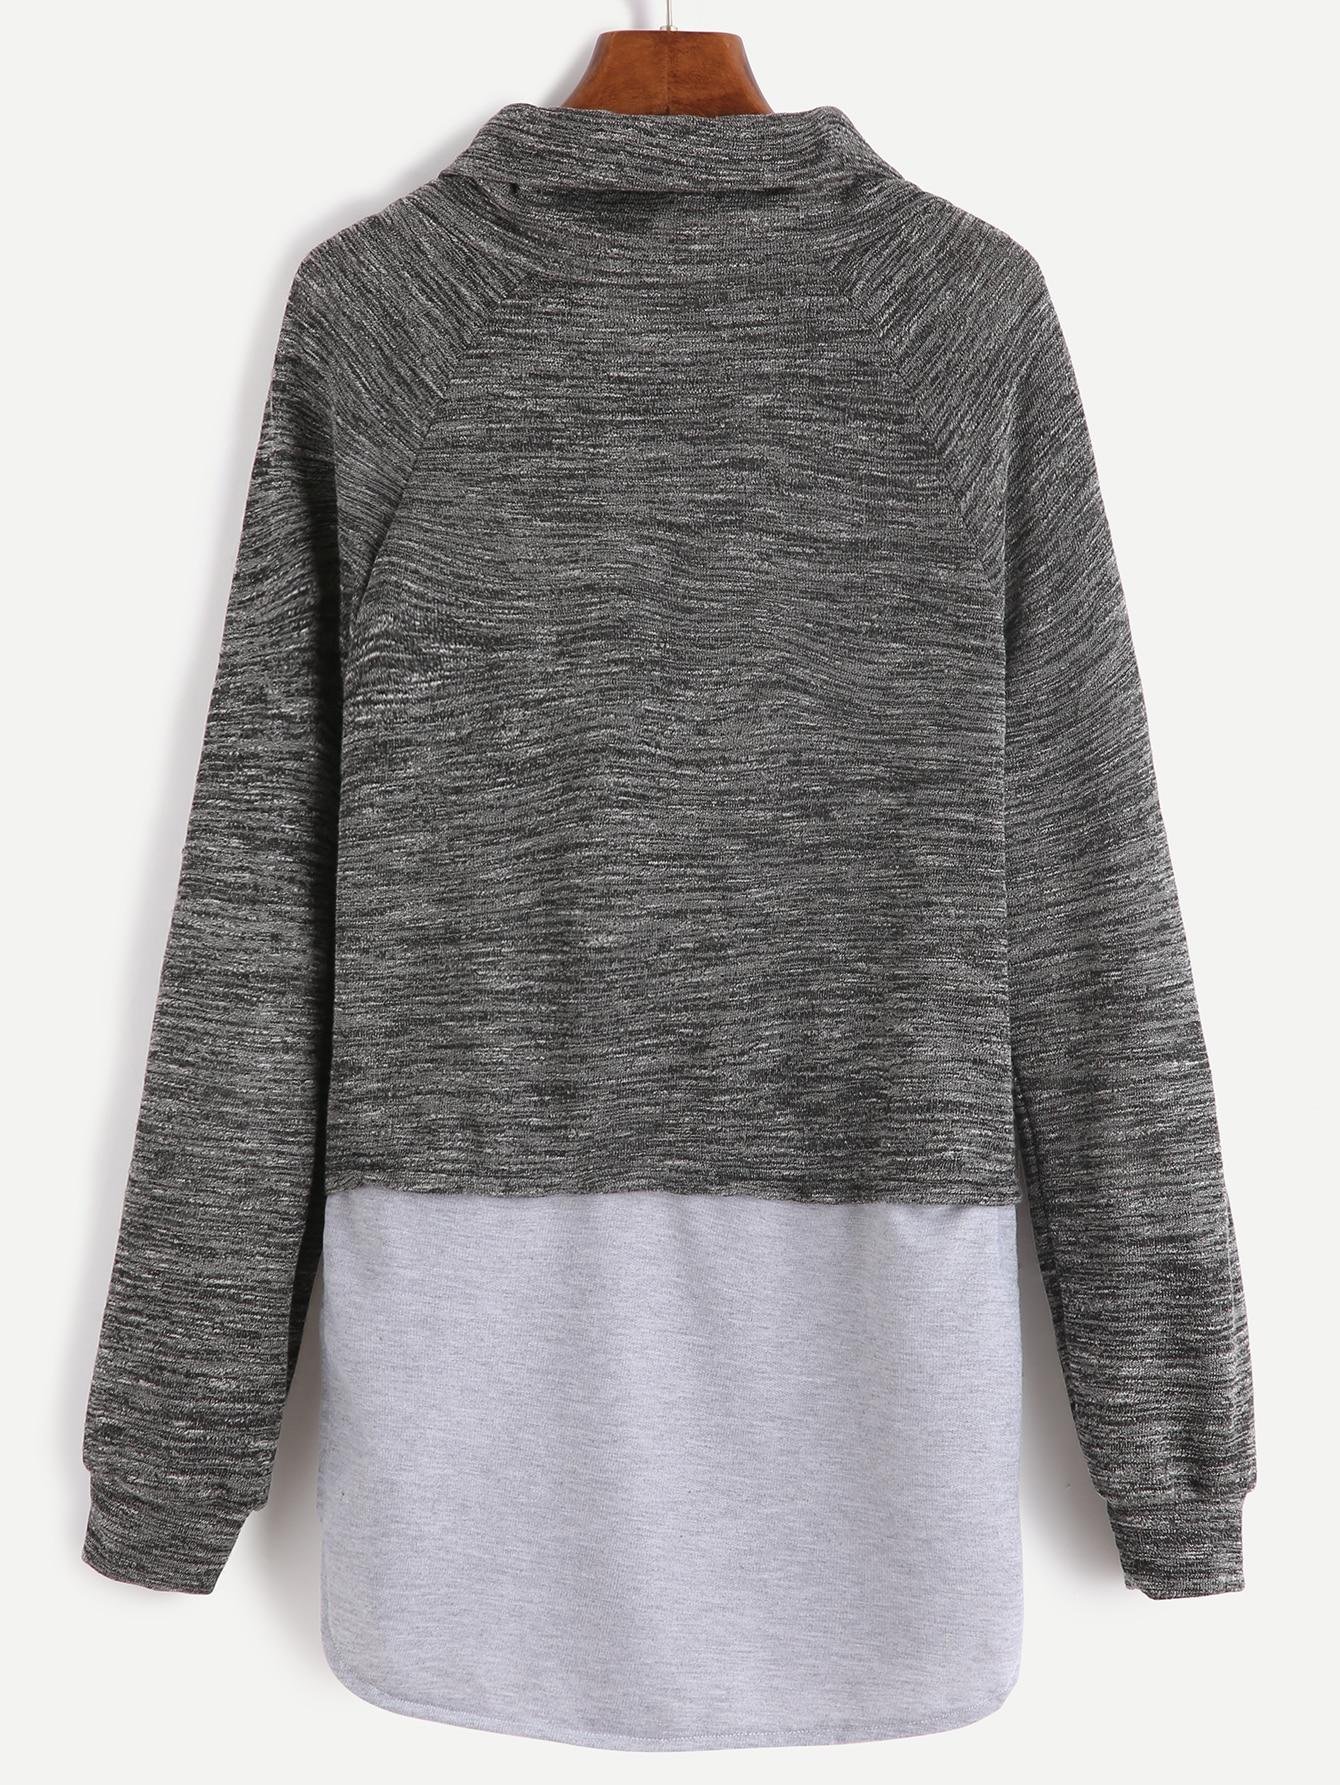 sweatshirt160823105_2